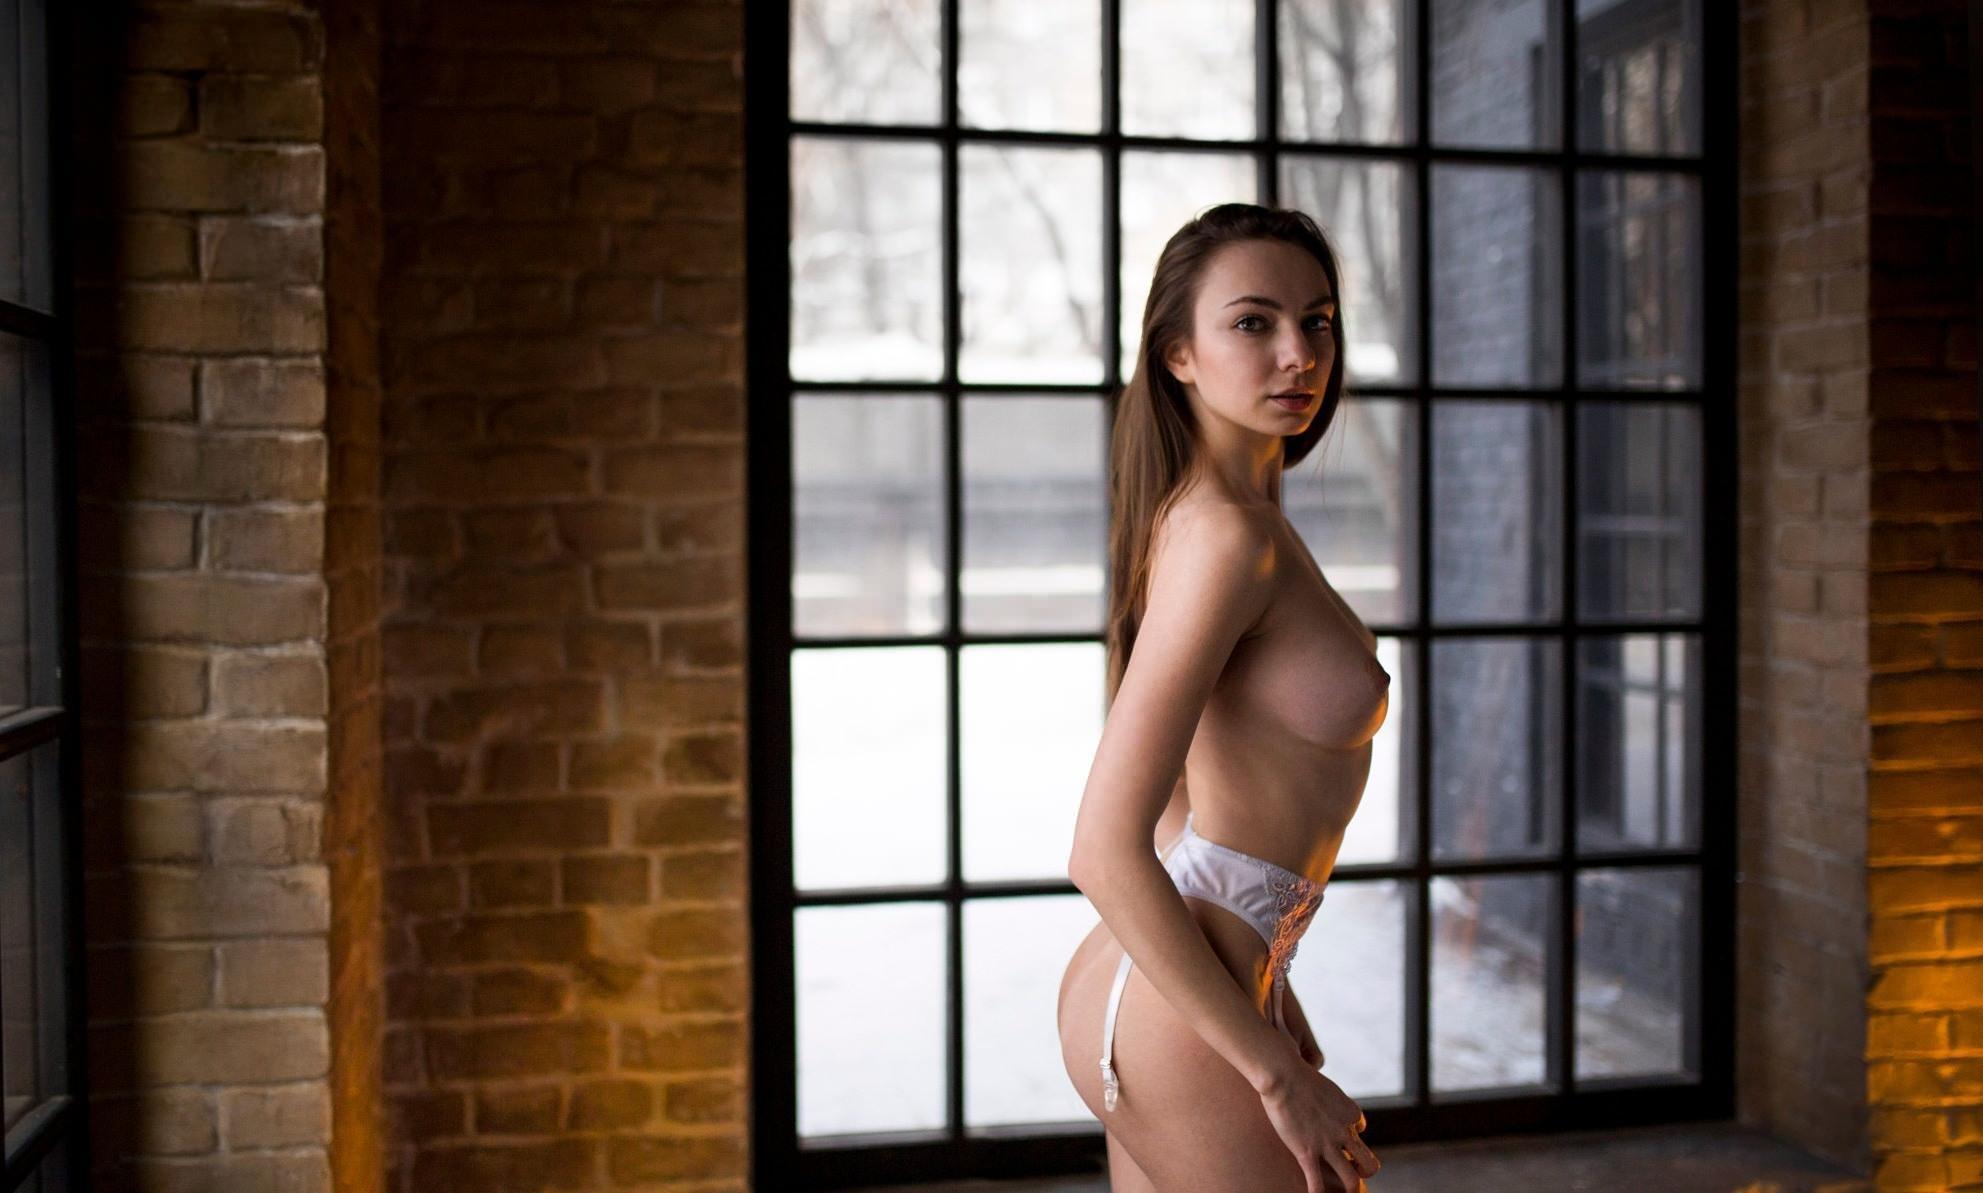 Фото Девушка у окна, голая грудь, белые подвязки для чулков на поясе, скачать картинку бесплатно